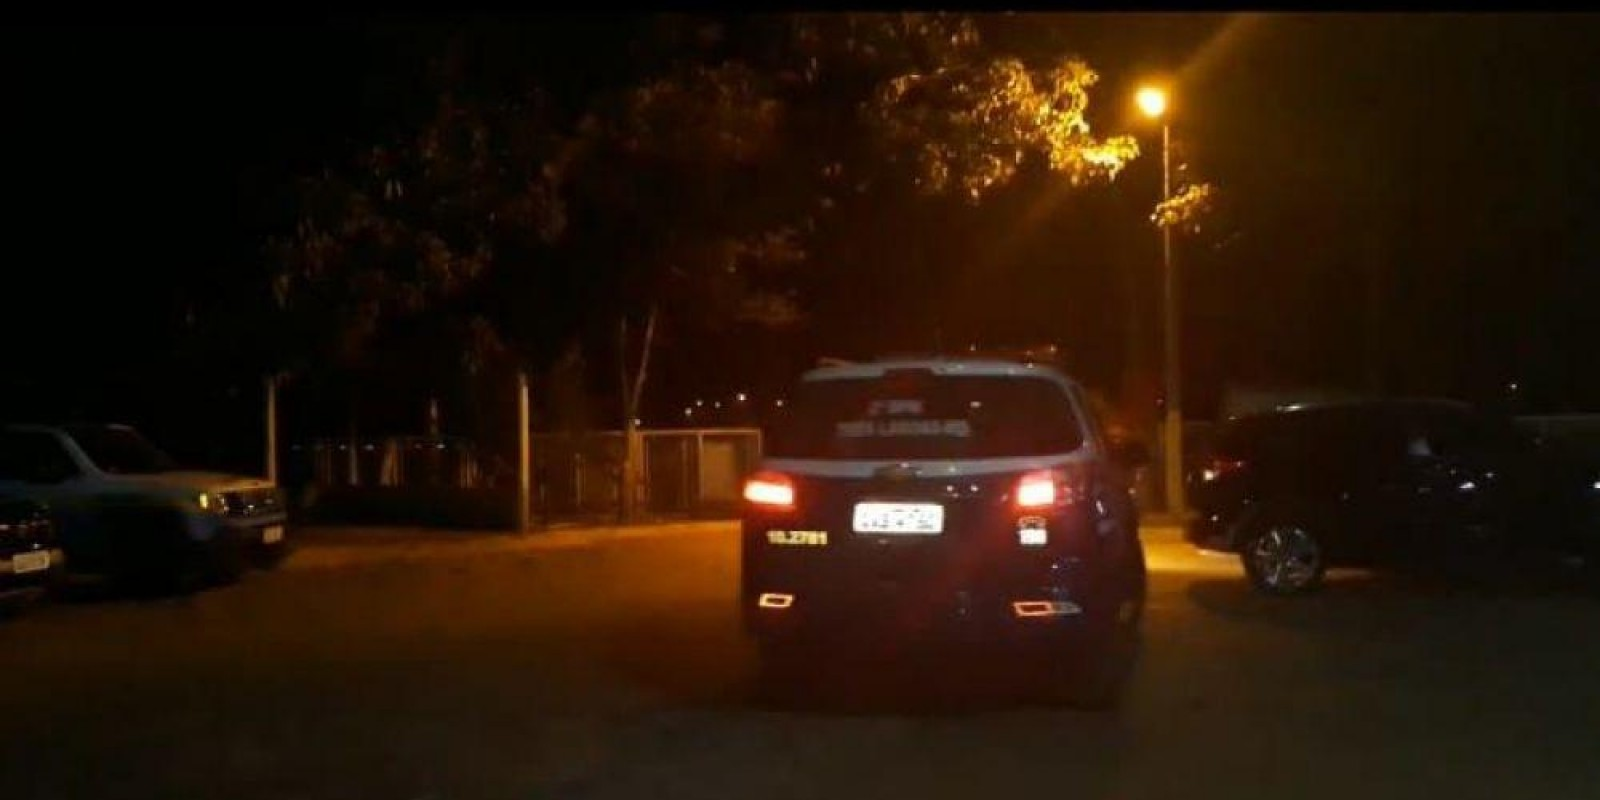 Homem é preso após agredir outro na saída de festa em Três Lagoas